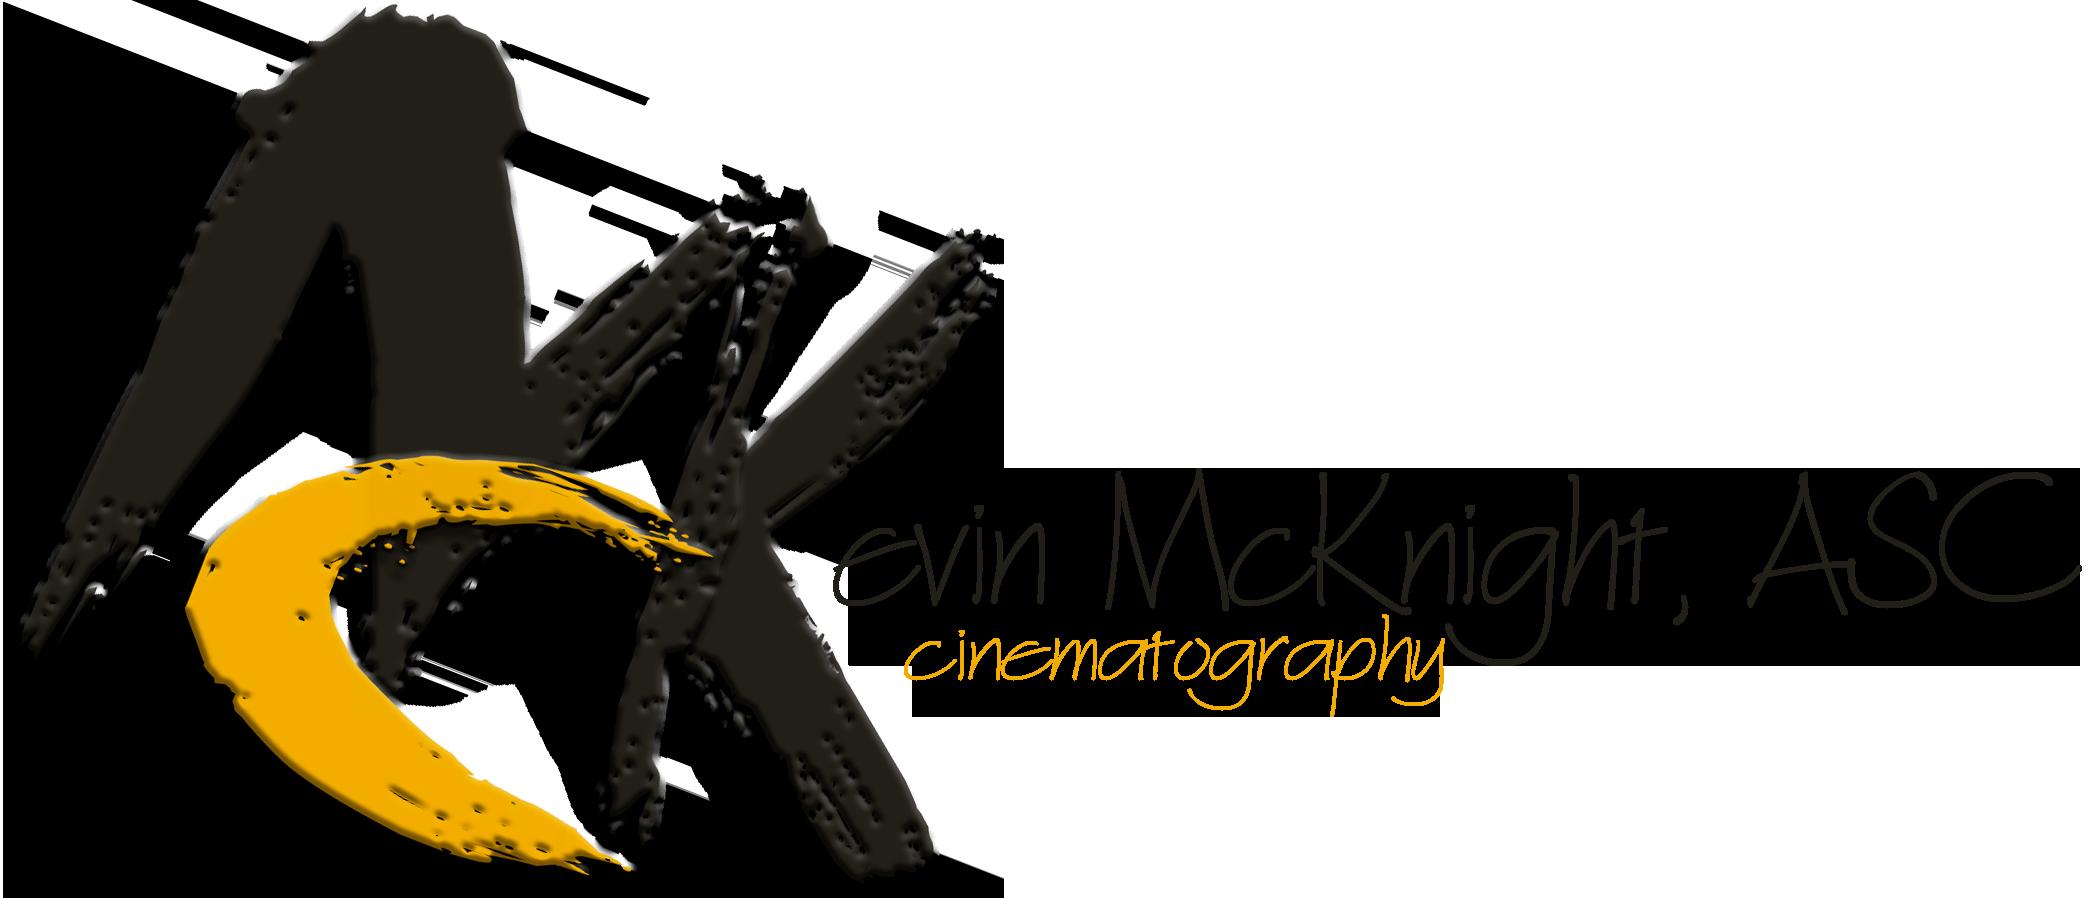 kevinmcknightdp.com